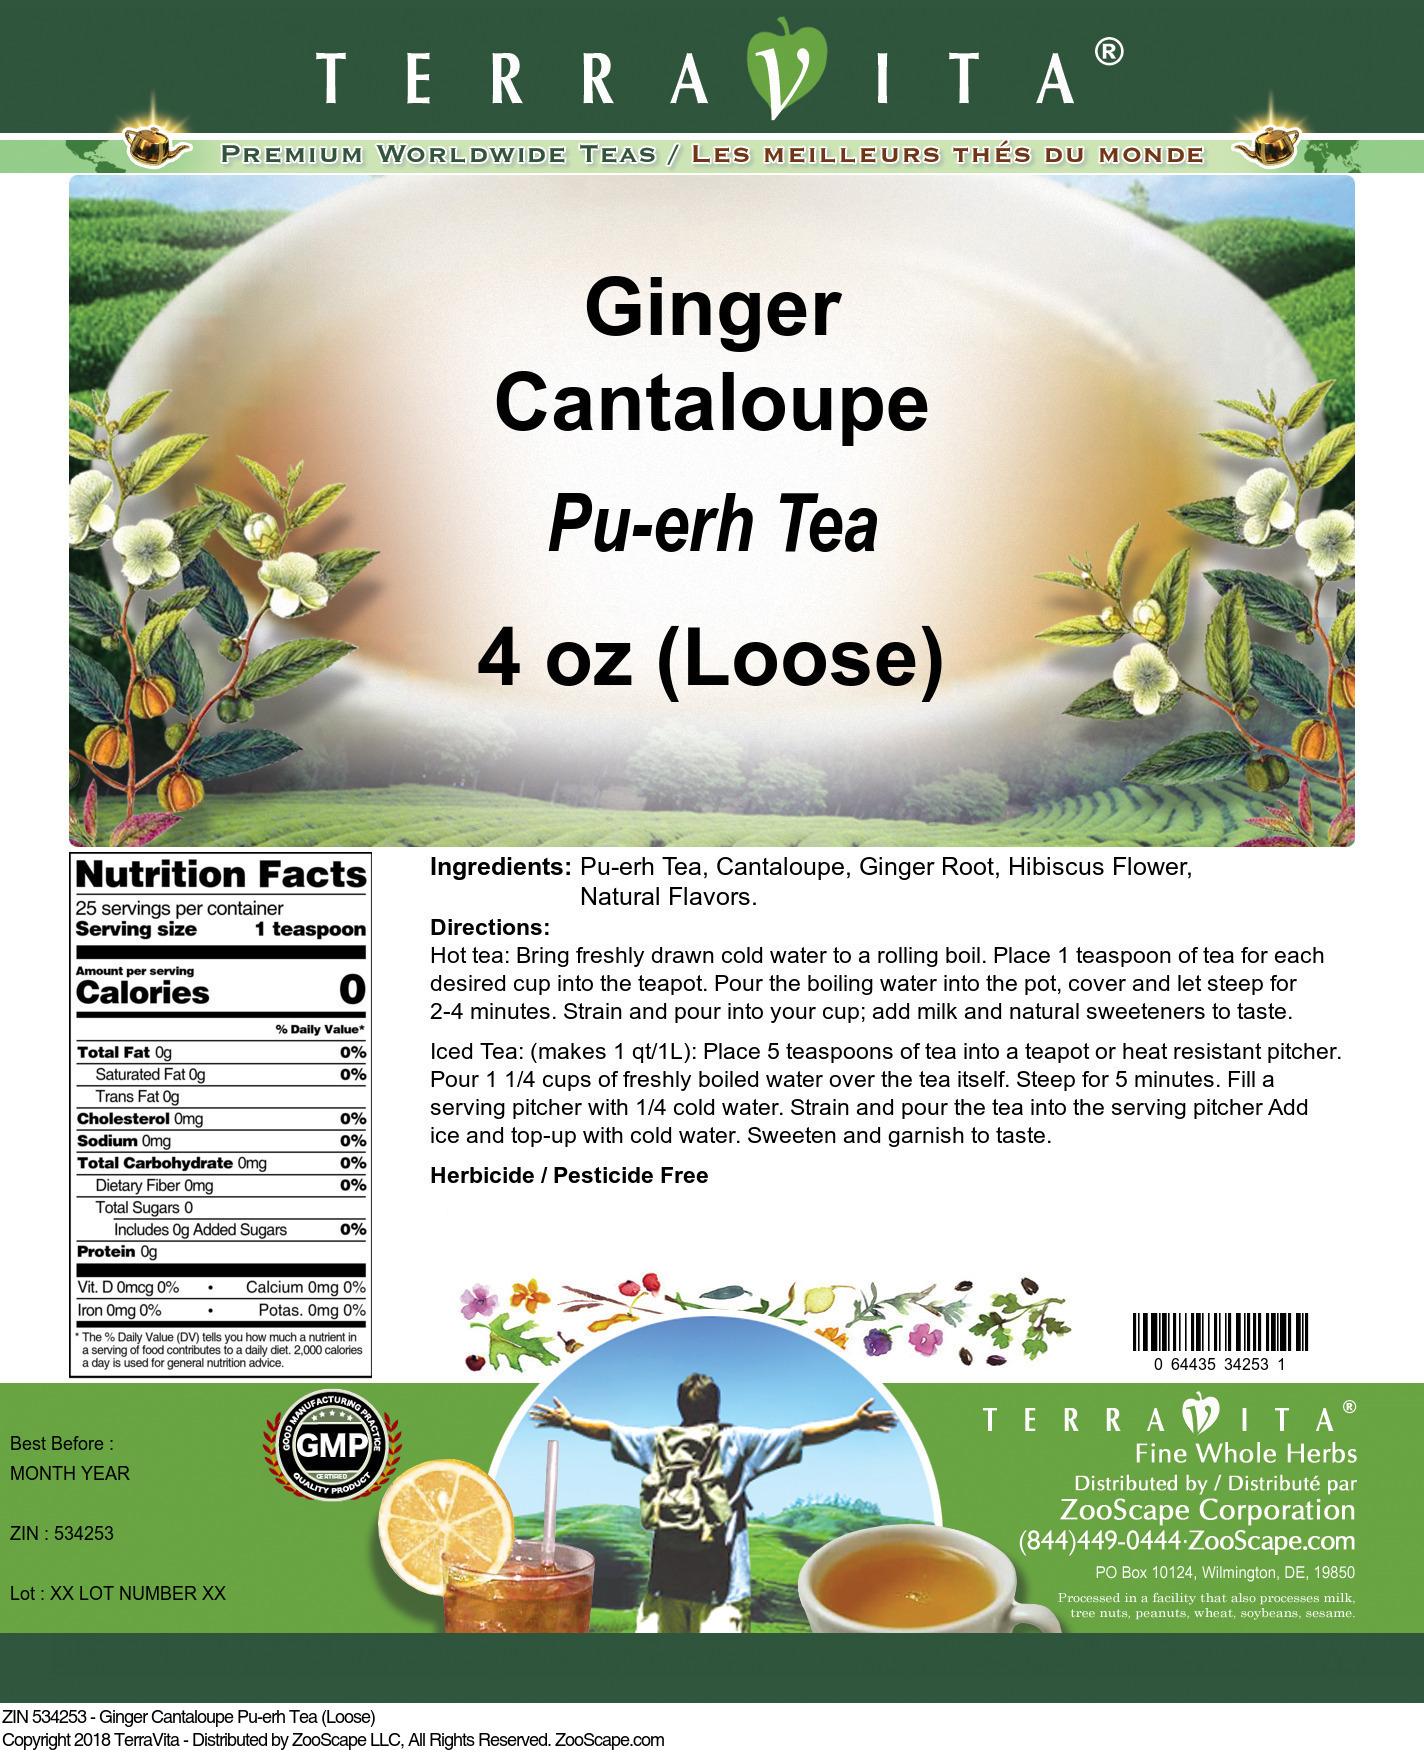 Ginger Cantaloupe Pu-erh Tea